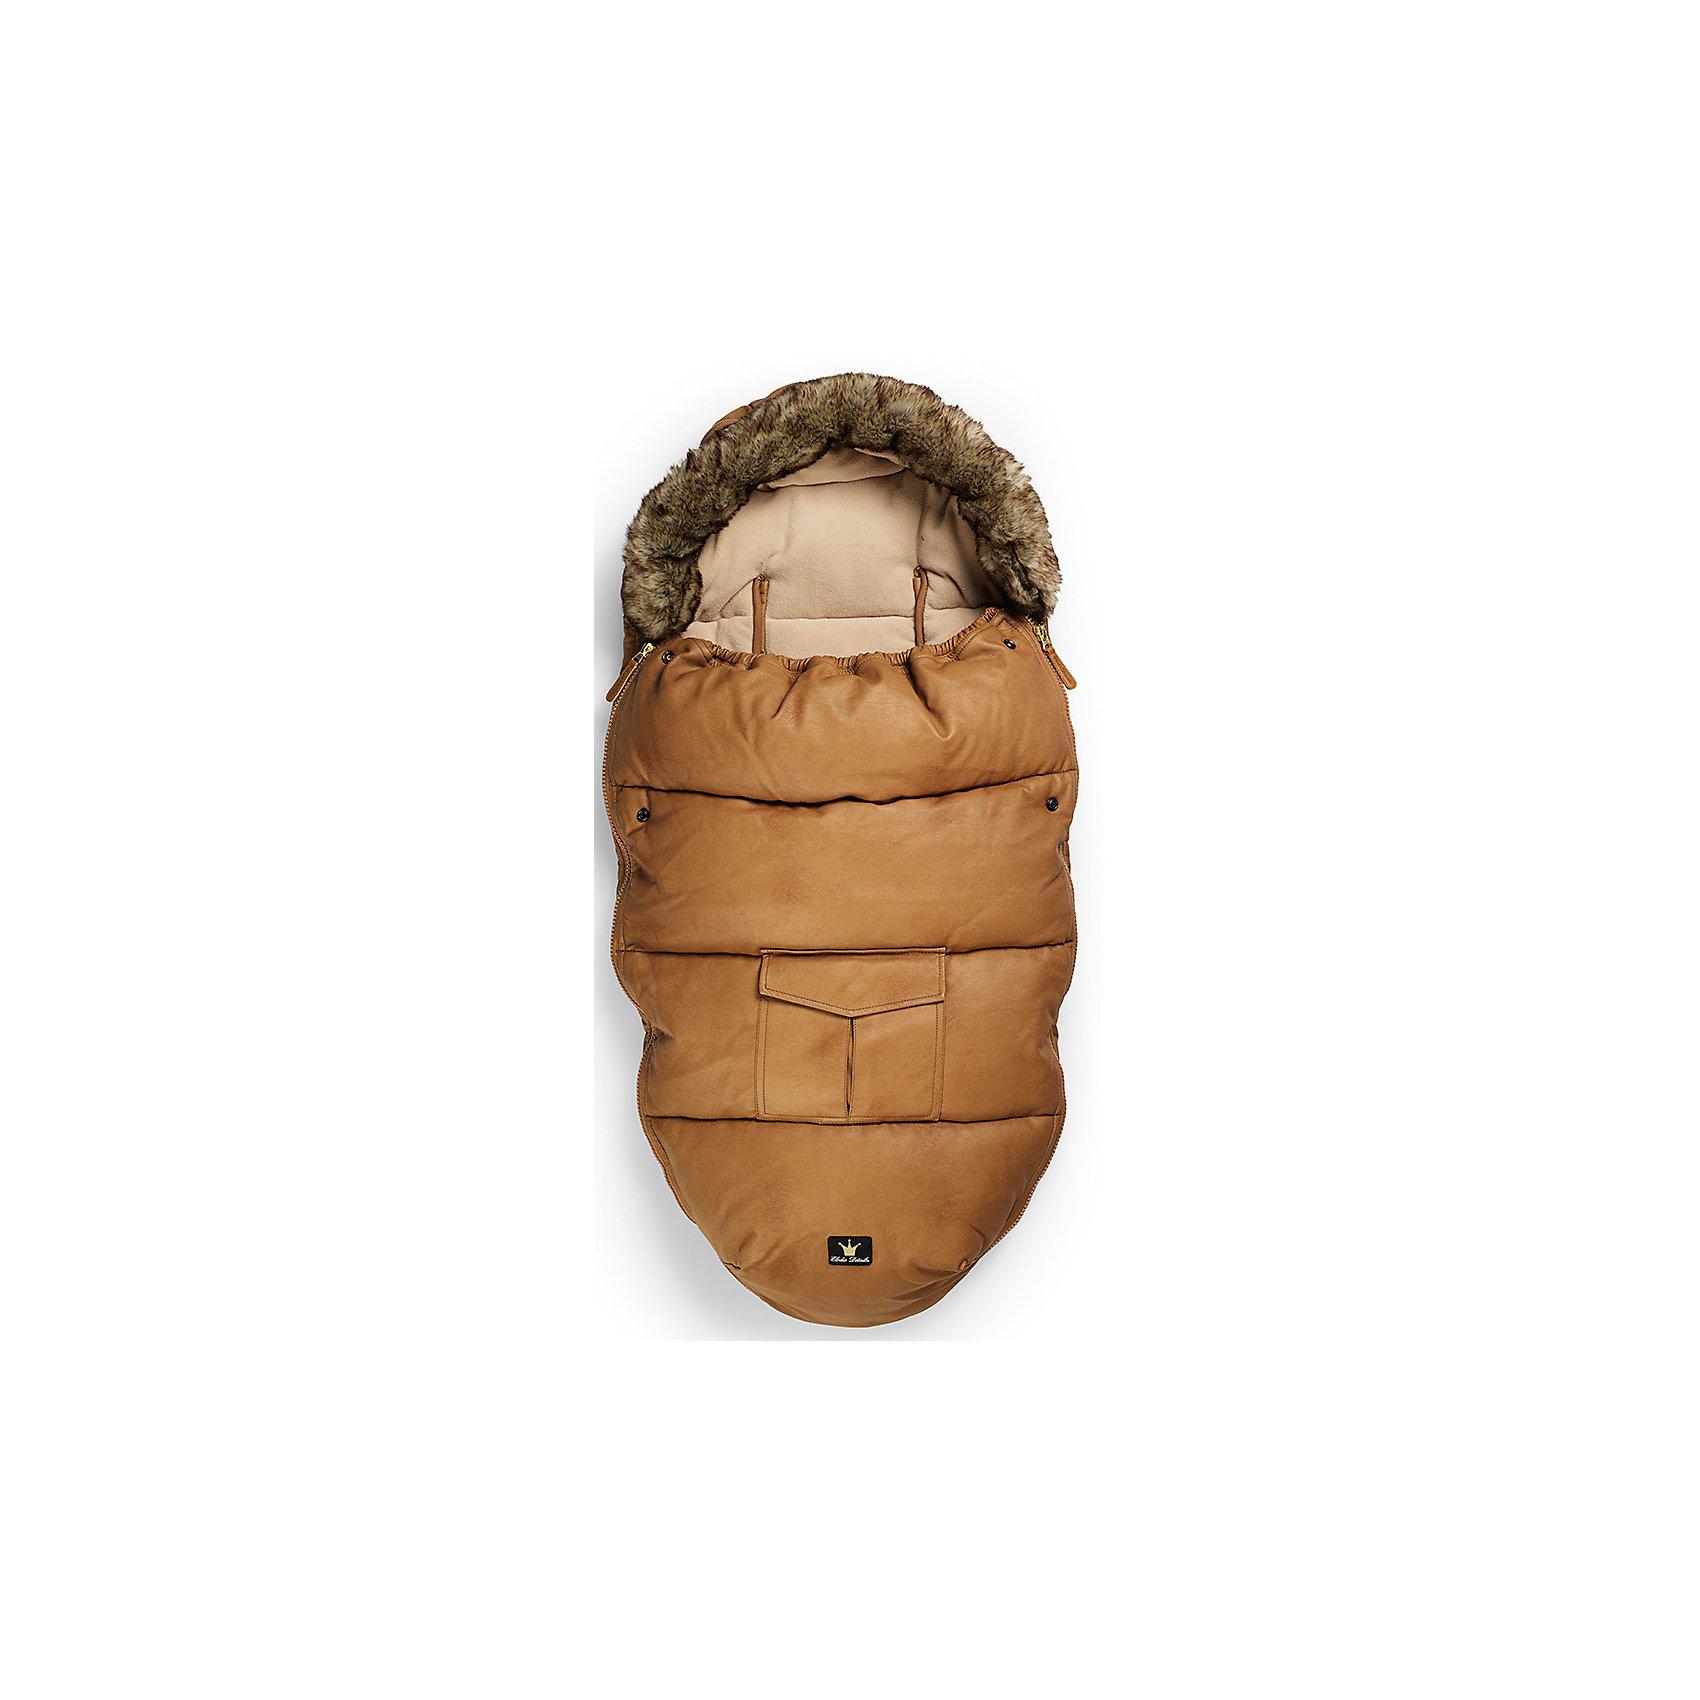 Конверт зимний с опушкой в коляску Chestnut Leather, Elodie DetailsКонверт зимний с опушкой в коляску Chestnut Leather, Elodie Details<br><br>Характеристики:<br><br>• Сезон: зима для температуры до -25 °C<br>• Цвет: коричневый;<br>• Материал верха: 60% вискоза, 40% полиуретан.<br>• Утеплитель: холлофайбер.<br>• Материал подклада: флис.<br>• Оторочка из искусственного меха Colar.<br>• Тип застежки: молния.<br>• Размер: длина 110см; ширина 53см.<br><br>Конверт зимний с опушкой в коляску Chestnut Leather, Elodie Details –это новинка от шведского бренда Elodie Details. Теплый, легкий и удобный, он обеспечит вашему малышу оптимальный комфорт и тепло. Покрытие конверта изготовлено по новейшей технологии BIONIC-FINISH® ECO, благодаря чему надежно защищено от ветра, влаги и снега. Этот зимний конверт подходит к любому типу колясок. Верхняя часть конверта оторочена   искусственным мехом и  может использоваться, как капюшон. Ножки ребенка  остаются не зафиксированными. В качестве наполнителя в конверте использован холлофайбер — инновационный, экологически чистый и гипоаллергенный материал, который обеспечивает качественное сохранение тепла. В конверте предусмотрены отверстия для 5-точечных ремней безопасности.Конверт зимний с опушкой в коляску Chestnut Leather, Elodie Details не требует специального ухода, его можно стирать в стиральной машине, используя указанный режим.<br>Зимние прогулки в таком конверте могут быть длительными и приятными!<br><br><br>Конверт зимний с опушкой в коляску Chestnut Leather, Elodie Details, можно купить в нашем интернет - магазине.<br><br>Ширина мм: 1100<br>Глубина мм: 530<br>Высота мм: 60<br>Вес г: 900<br>Возраст от месяцев: 0<br>Возраст до месяцев: 24<br>Пол: Унисекс<br>Возраст: Детский<br>SKU: 5077469